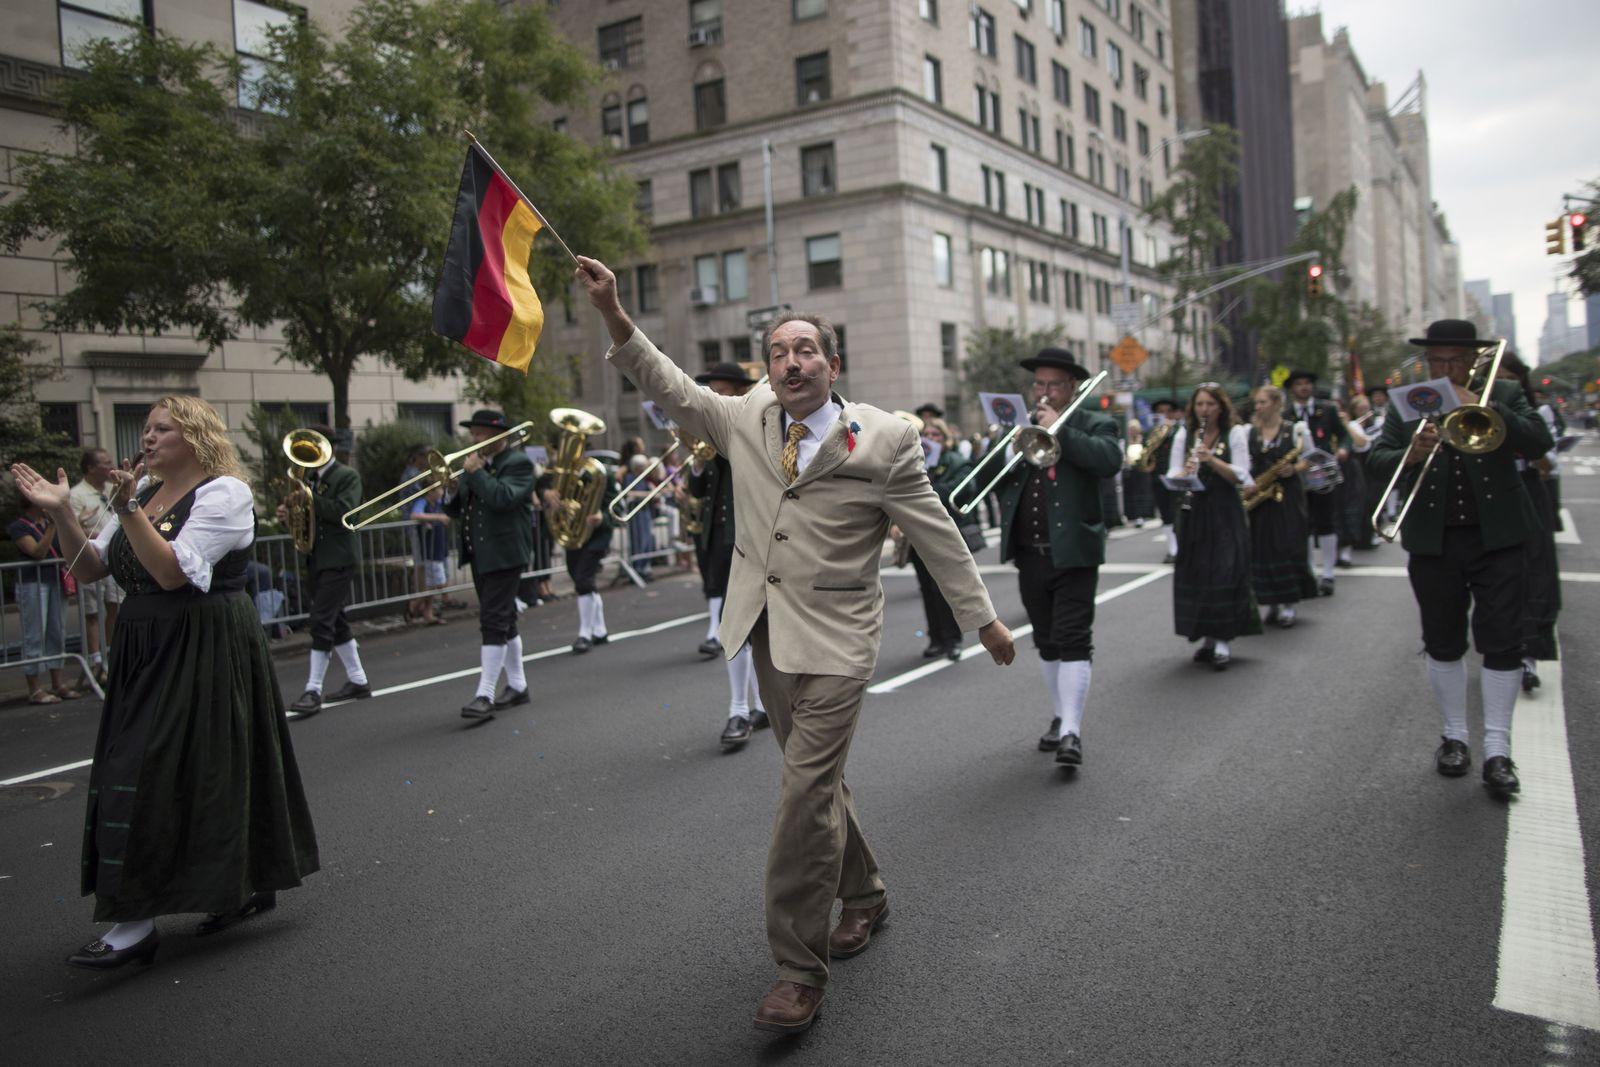 New York/ Steuben-Parade